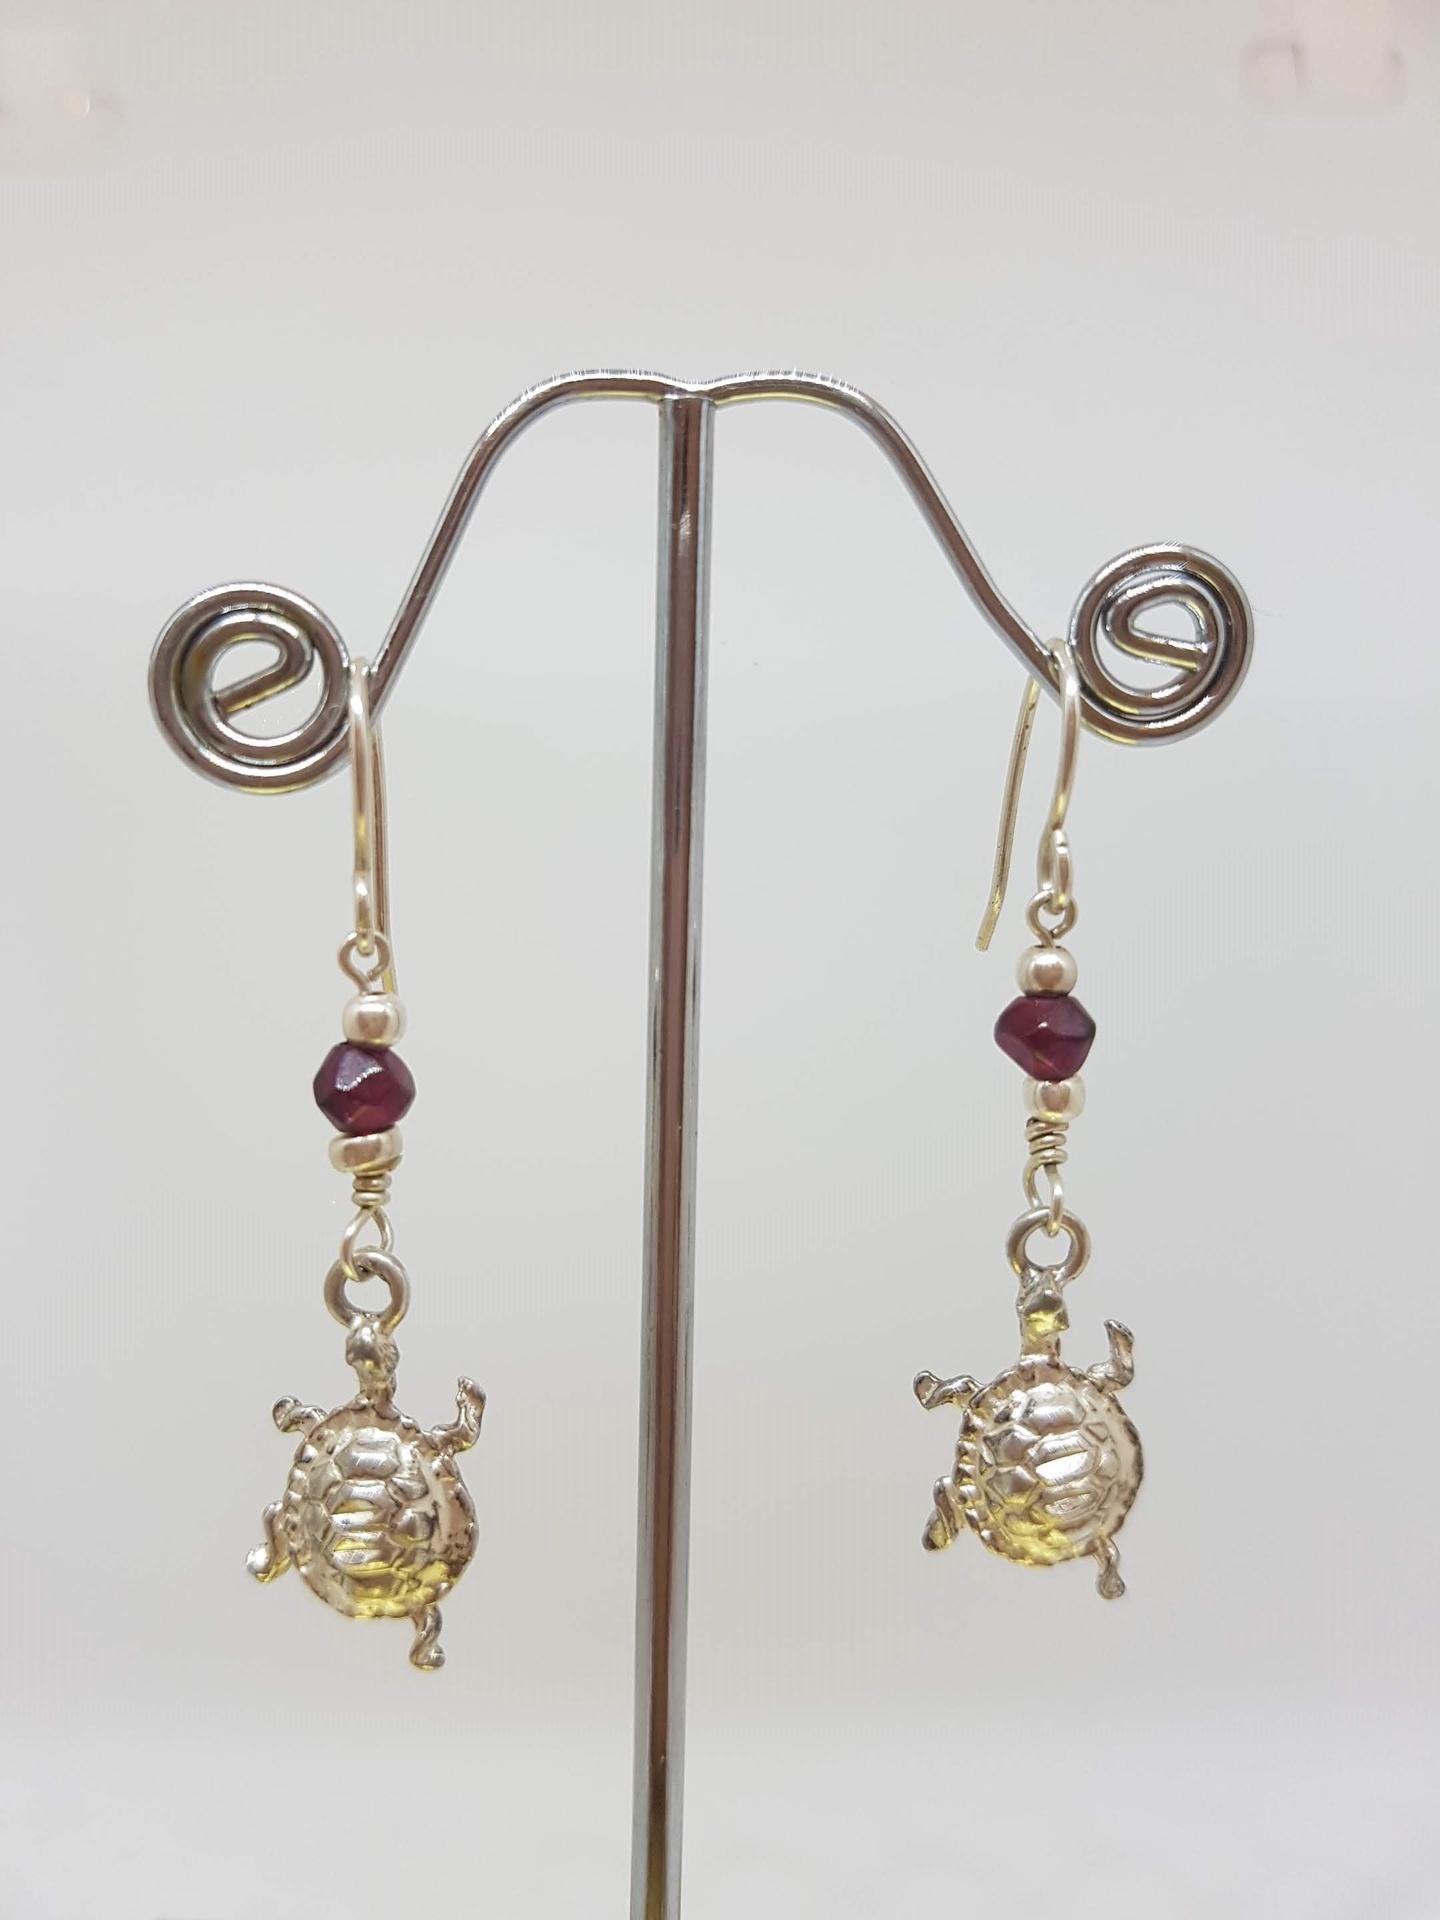 Turtle Earrings with garnet